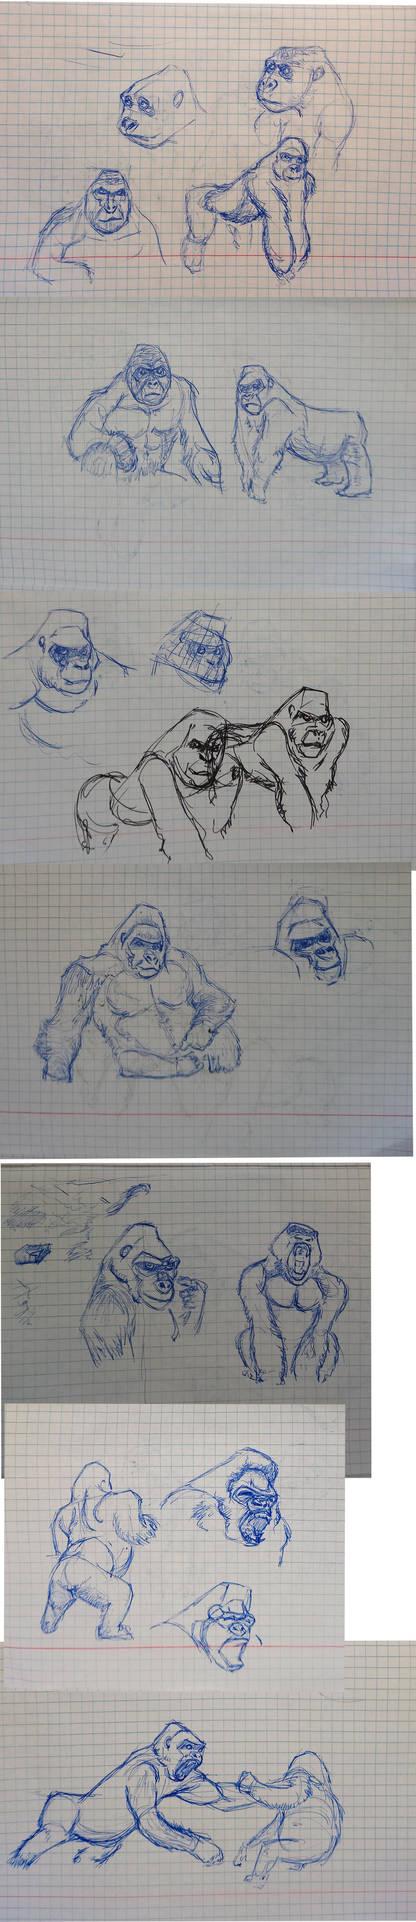 GorillaStudy by Reisen84